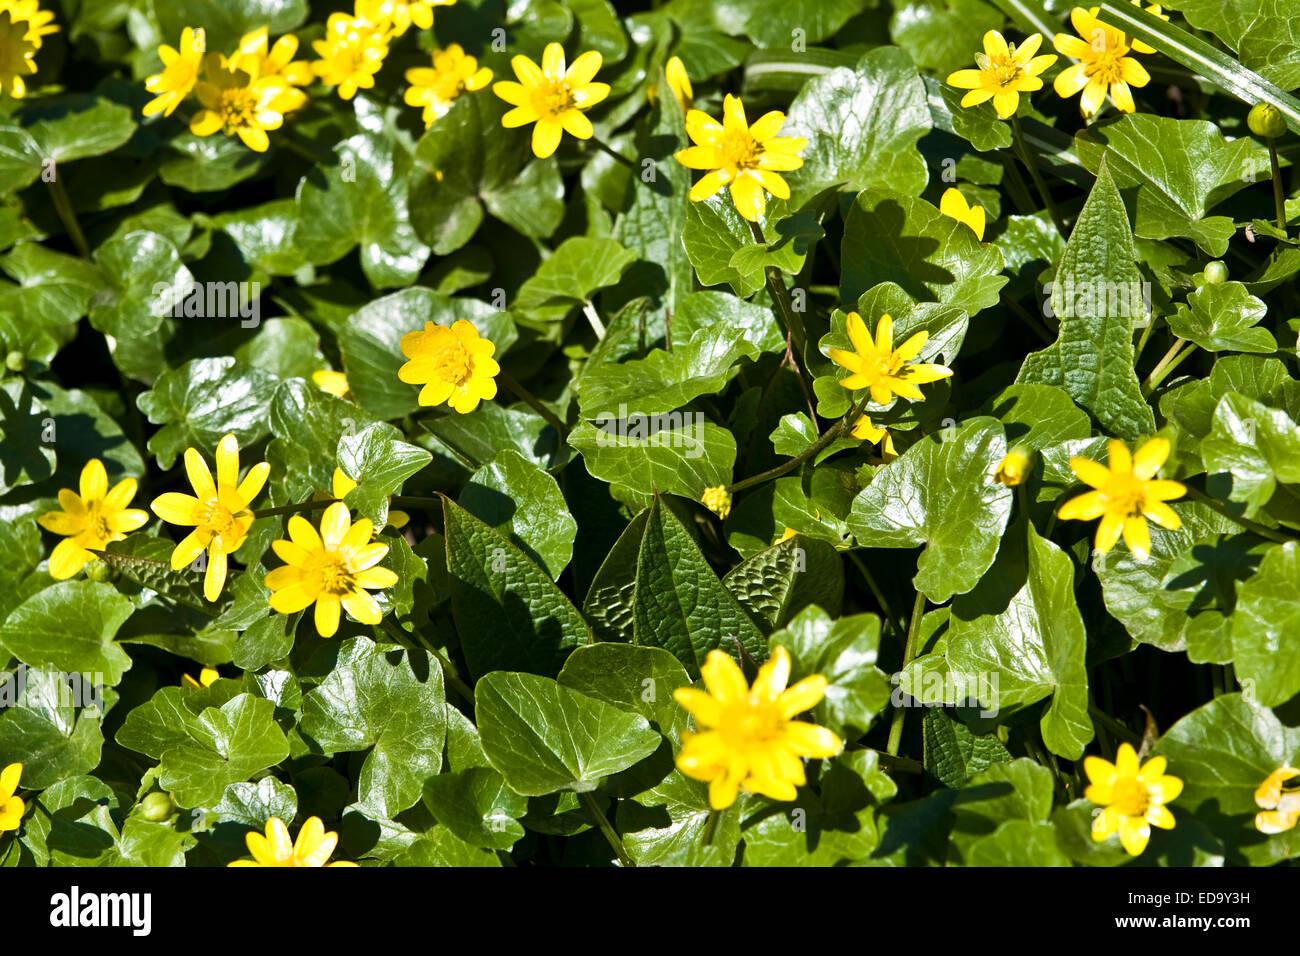 Fruhlingsblumen Namen Lifestyle Ein Wunderschoner Winterstrauss